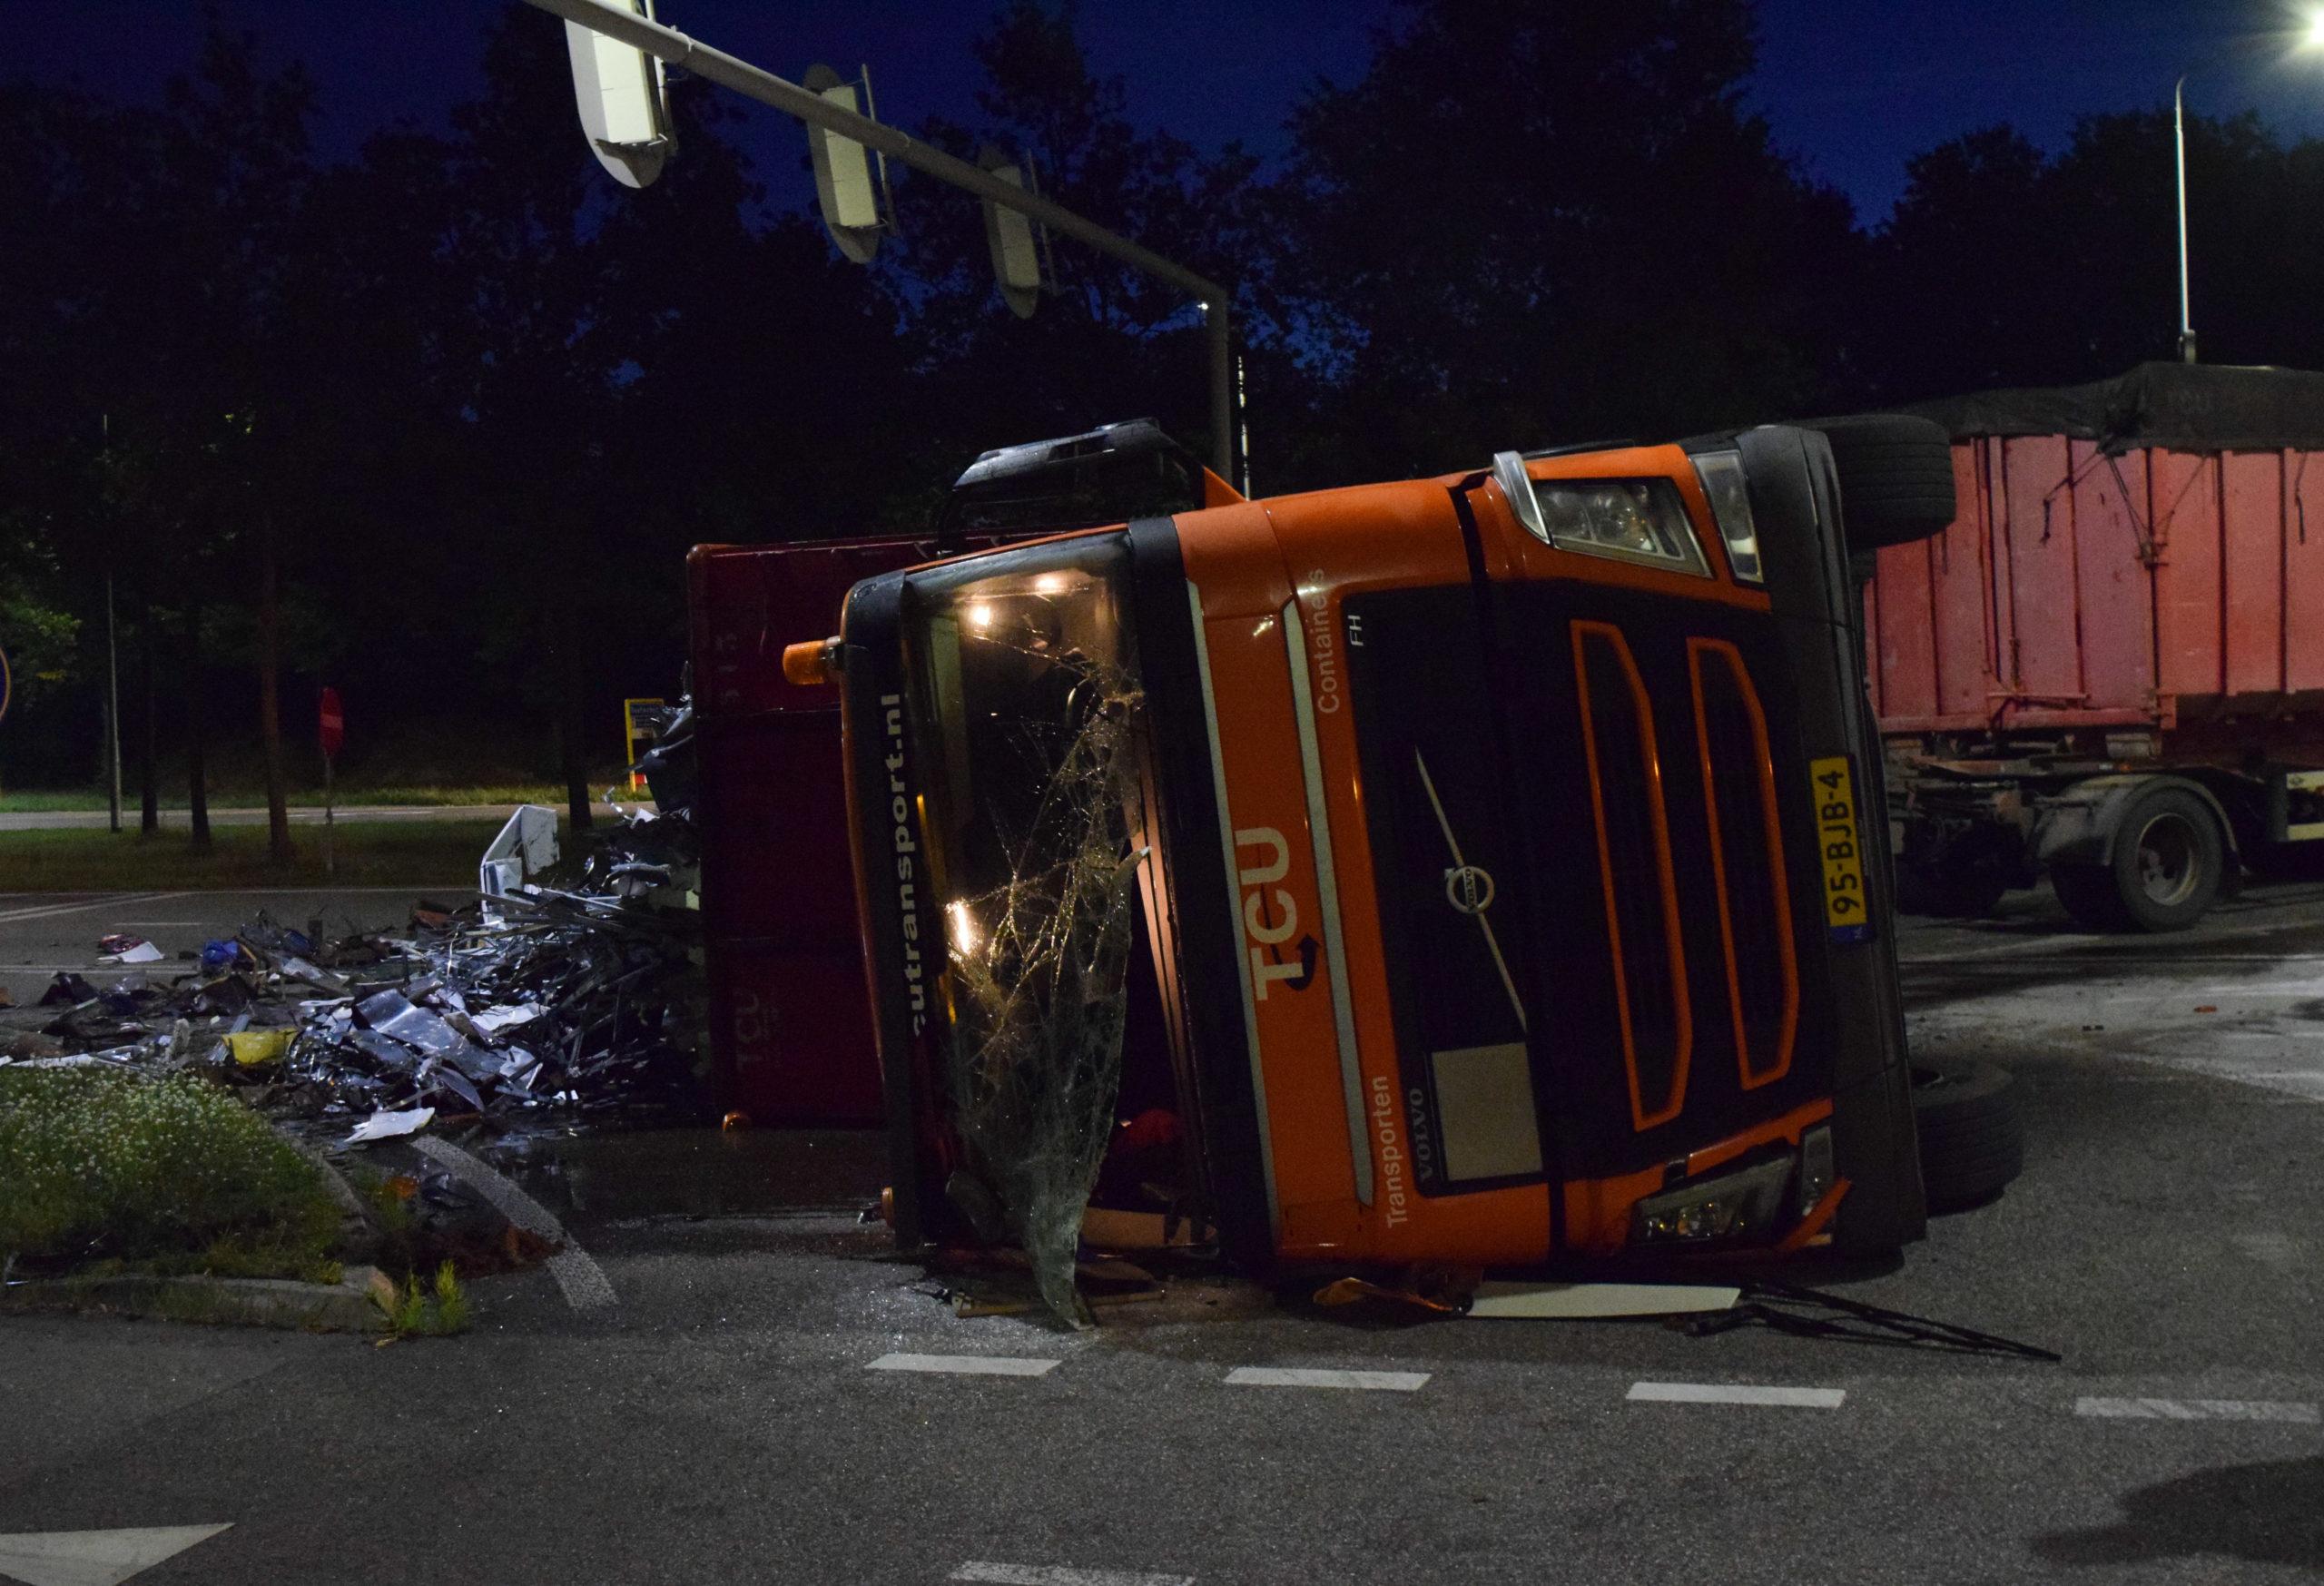 Vrachtwagen kantelt en spreidt zijn lading oud ijzer over de weg uit, verkeerschaos in stad zelf